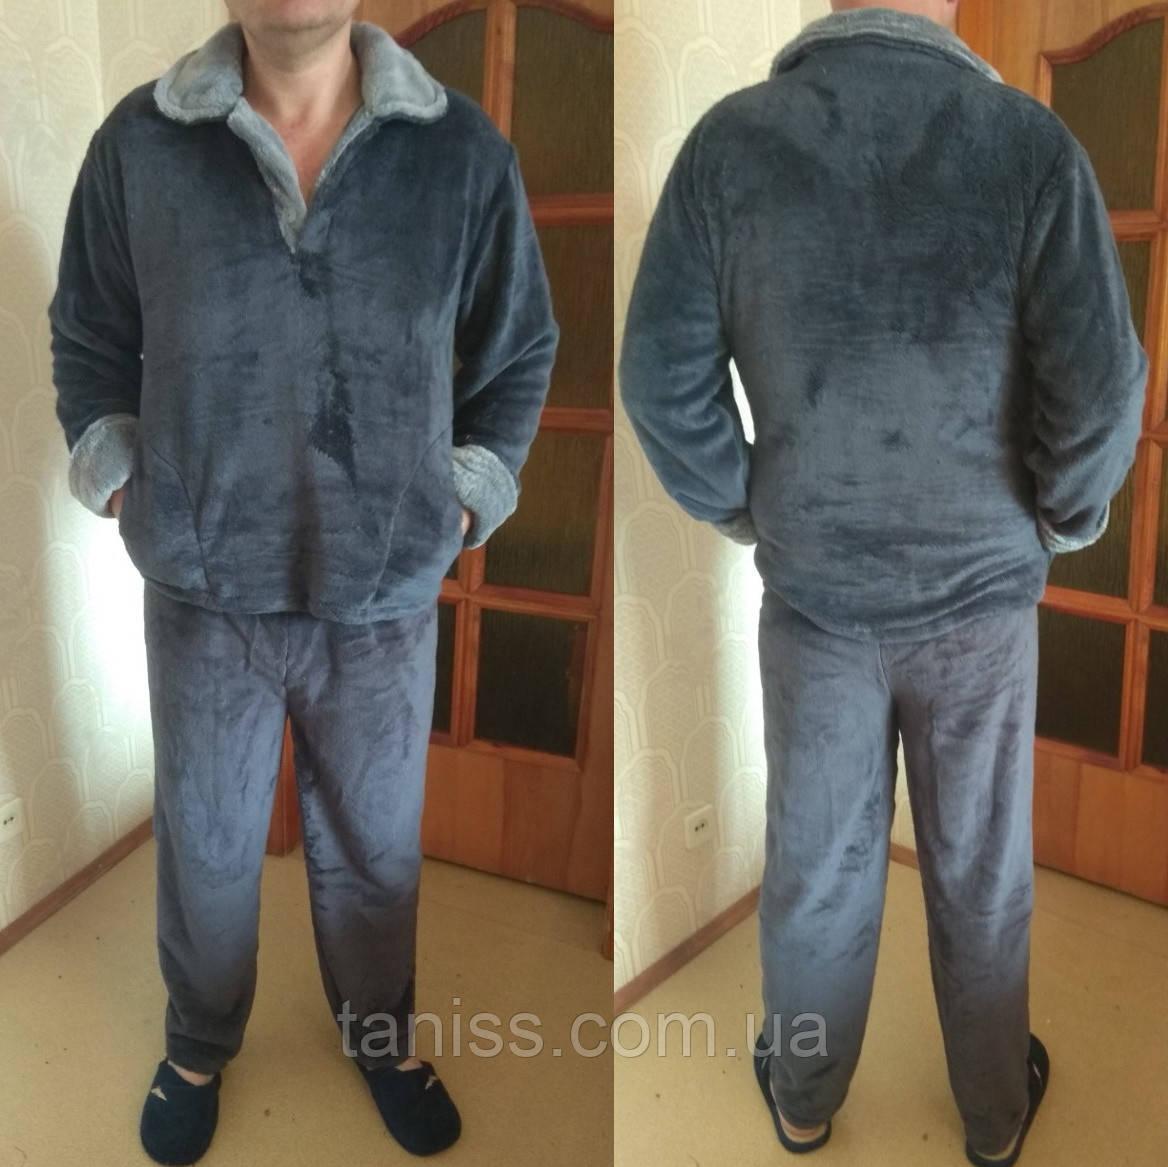 Теплая зимняя мужская махровая пижама, домашний теплый костюм, р-р Л (48-50), ХЛ (52-54) серая